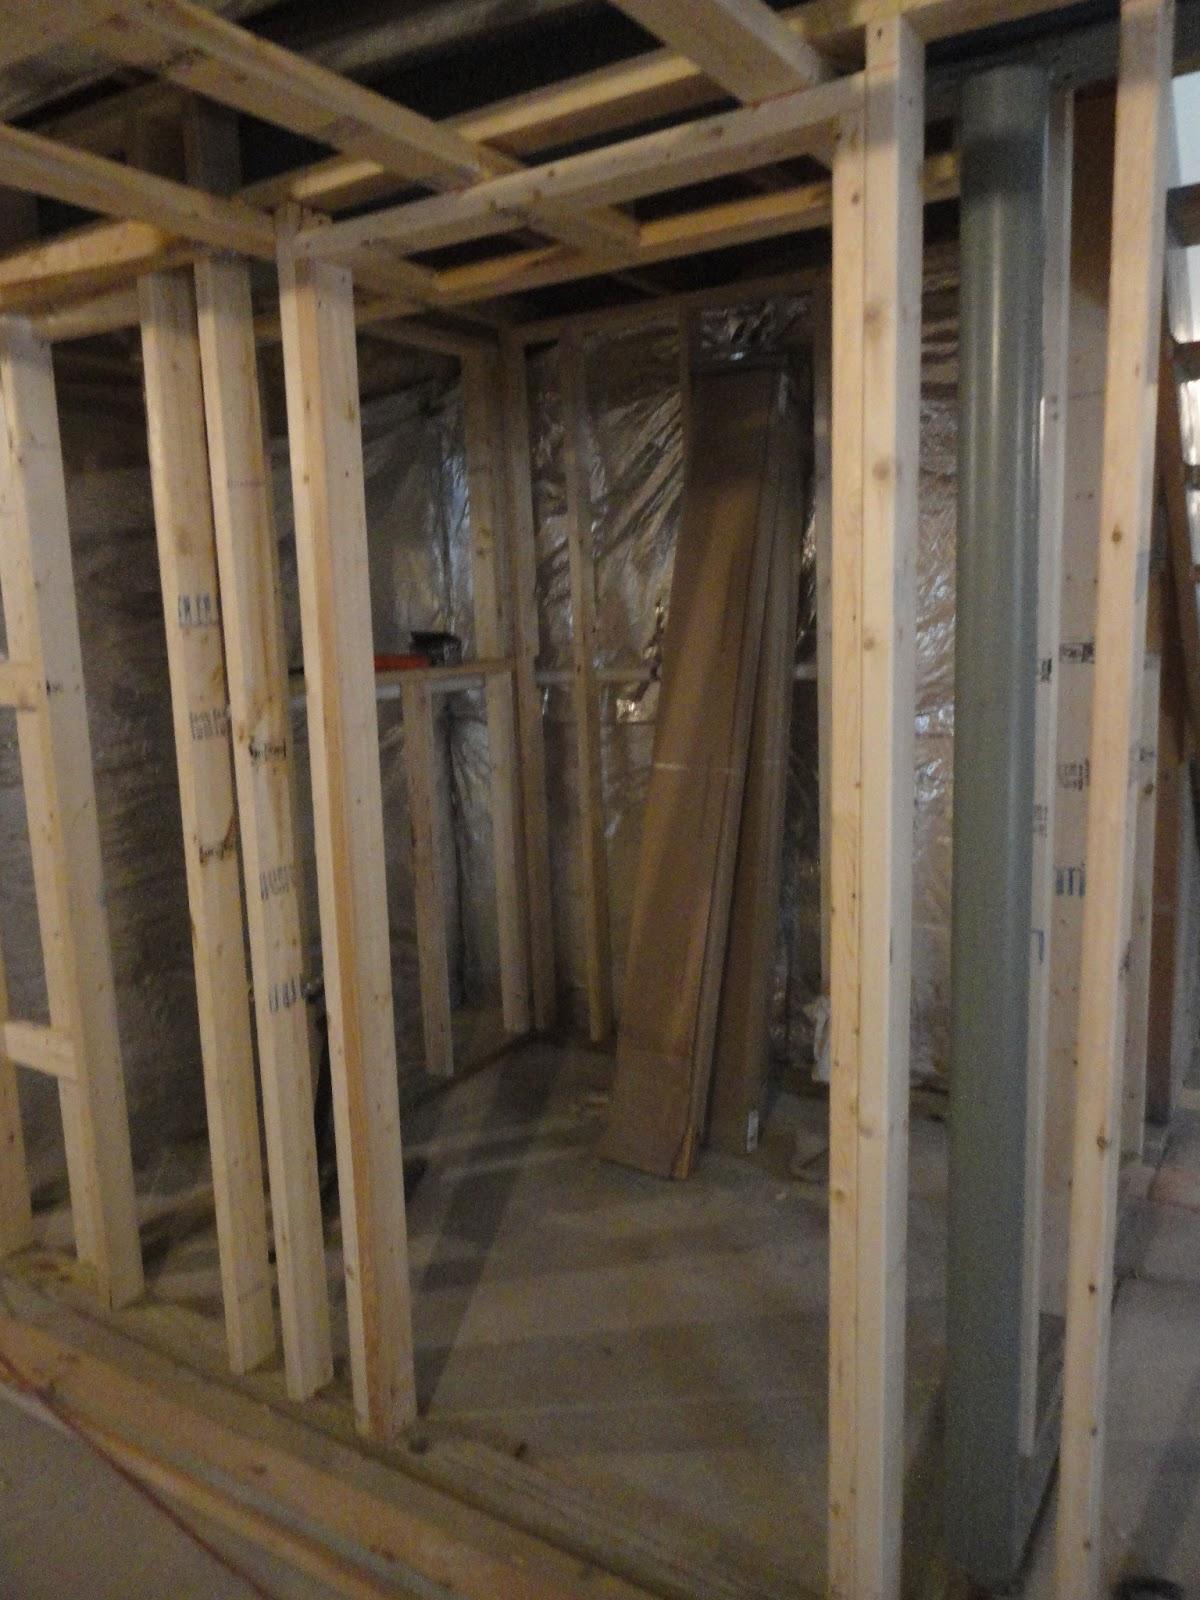 Life After I Do Basement Renovation Framing